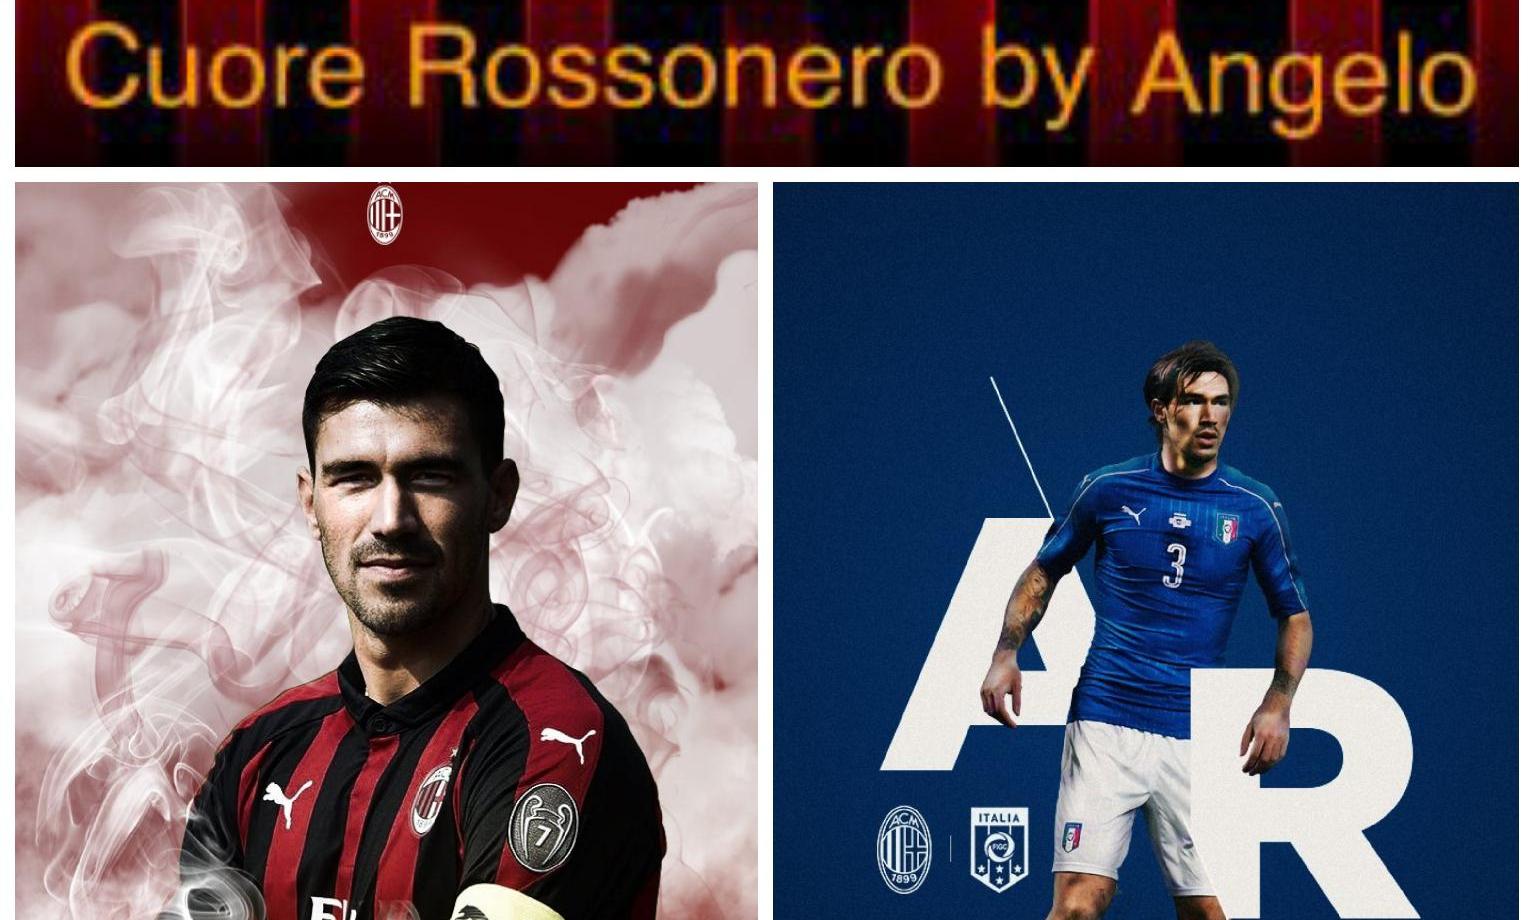 In difesa di Romagnoli, lo specchio del calcio moderno